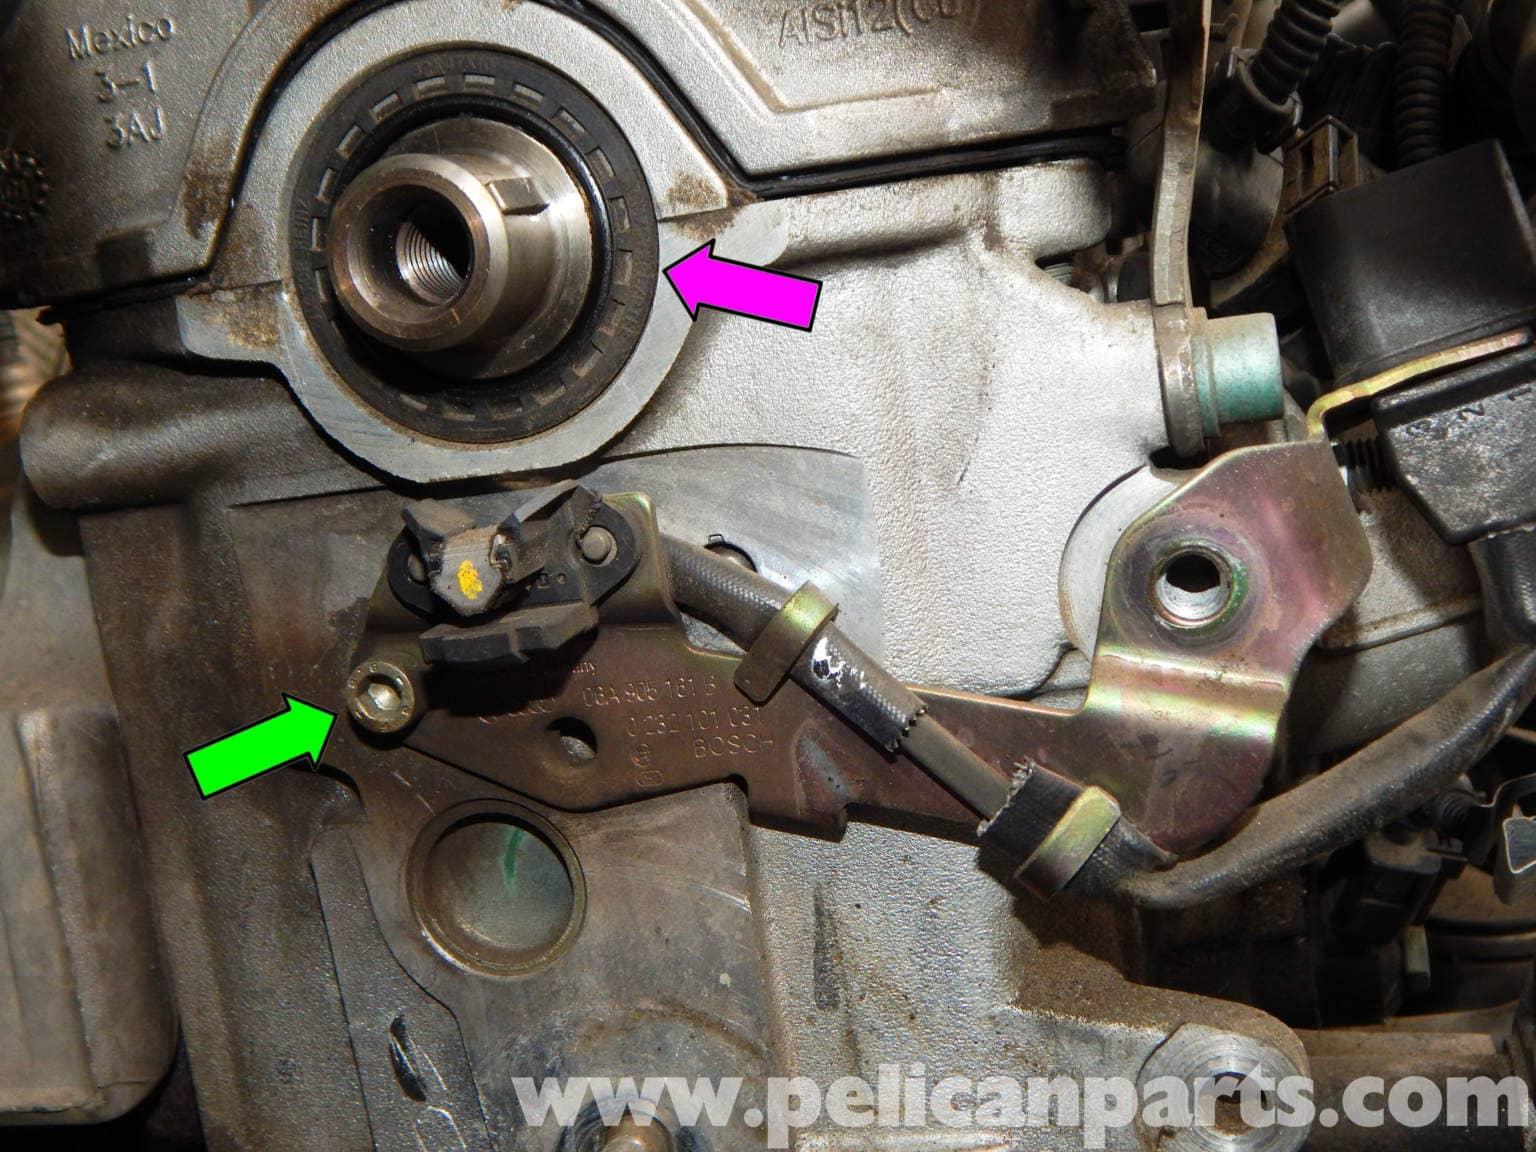 Volkswagen Jetta Mk4 Camshaft Position Sensor Replacement | Jetta Mk4 2.0L (1998-2005) | Pelican ...